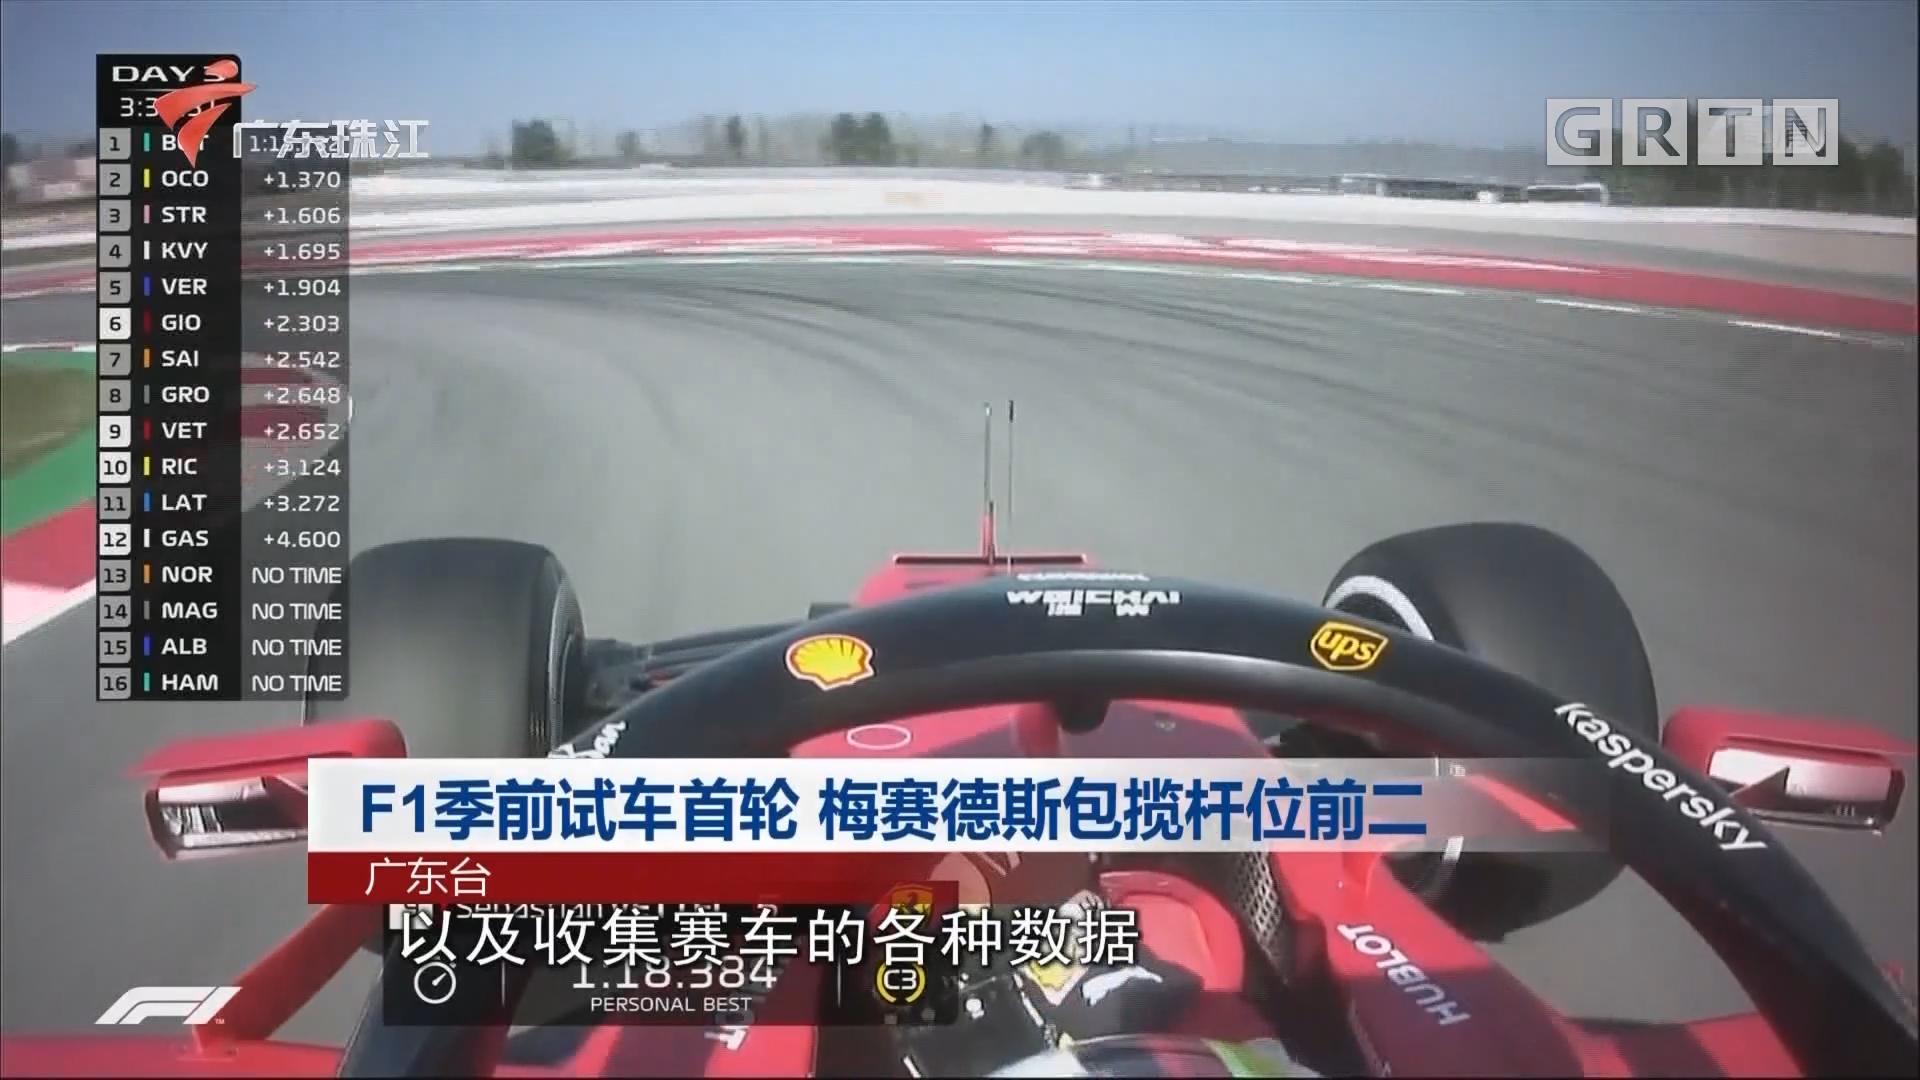 F1季前试车首轮 梅赛德斯包揽杆位前二